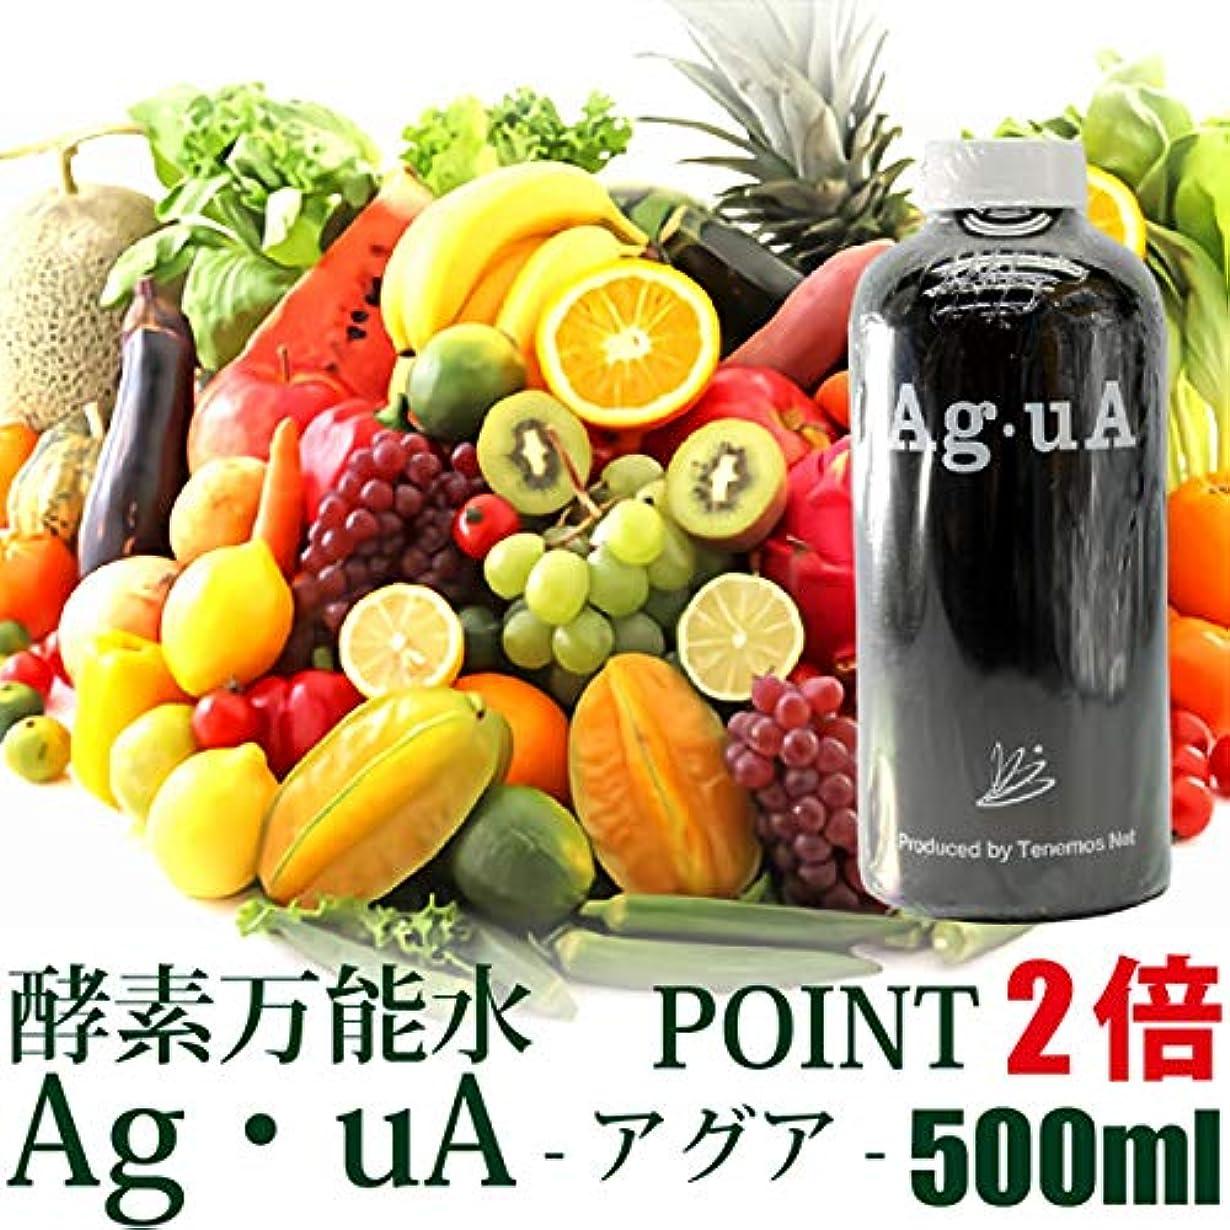 繁栄口径肯定的Ag?uA(アグア) 500ml 万能酵素水 テネモス